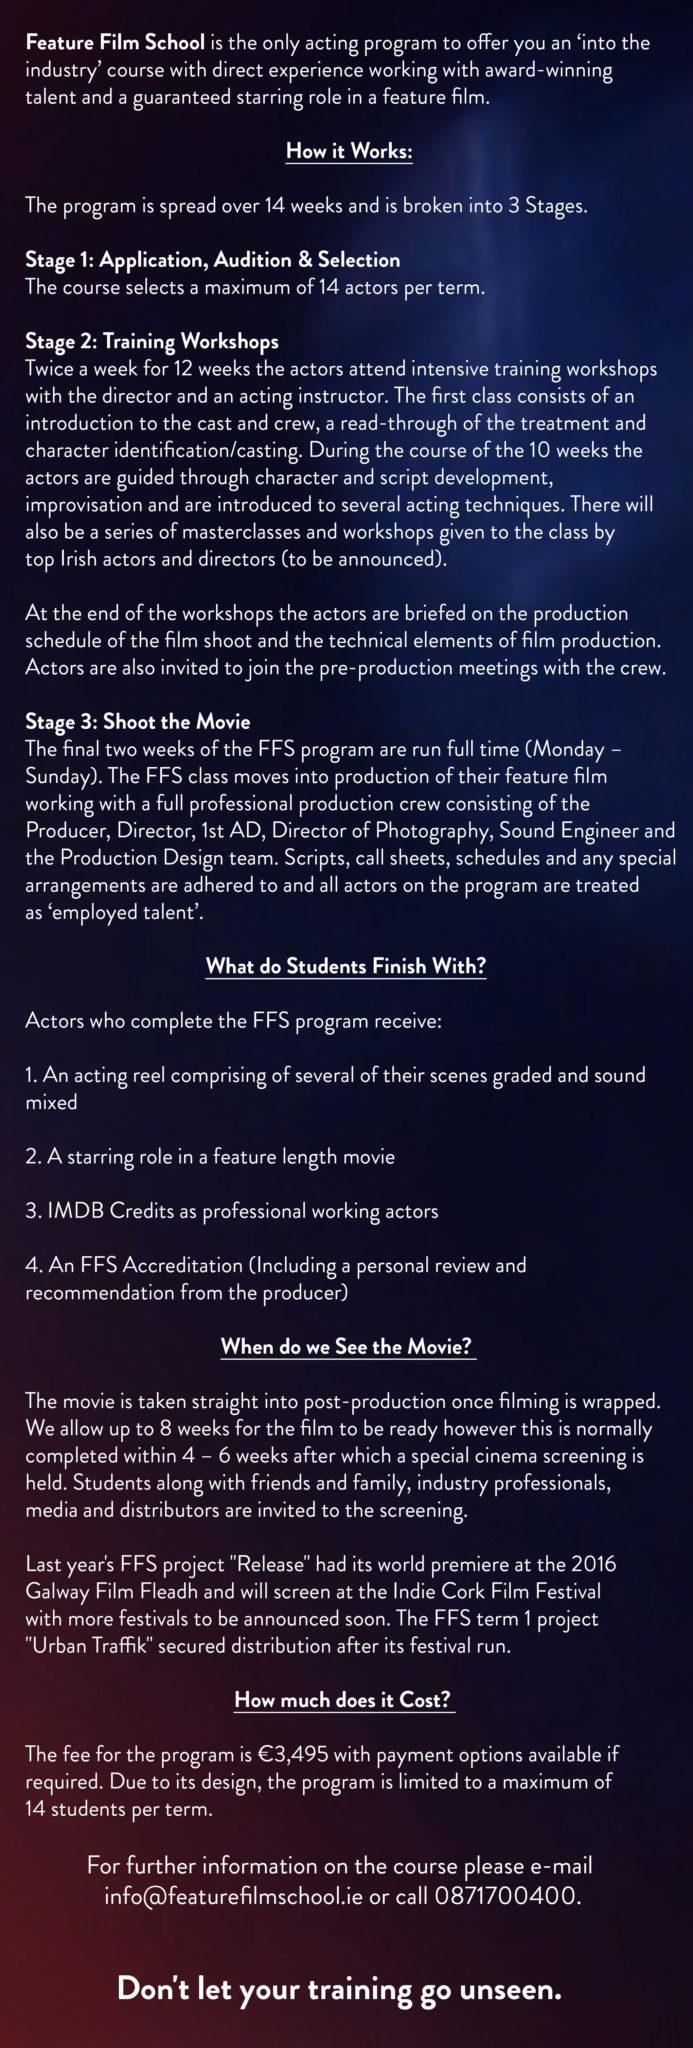 Feature Film School